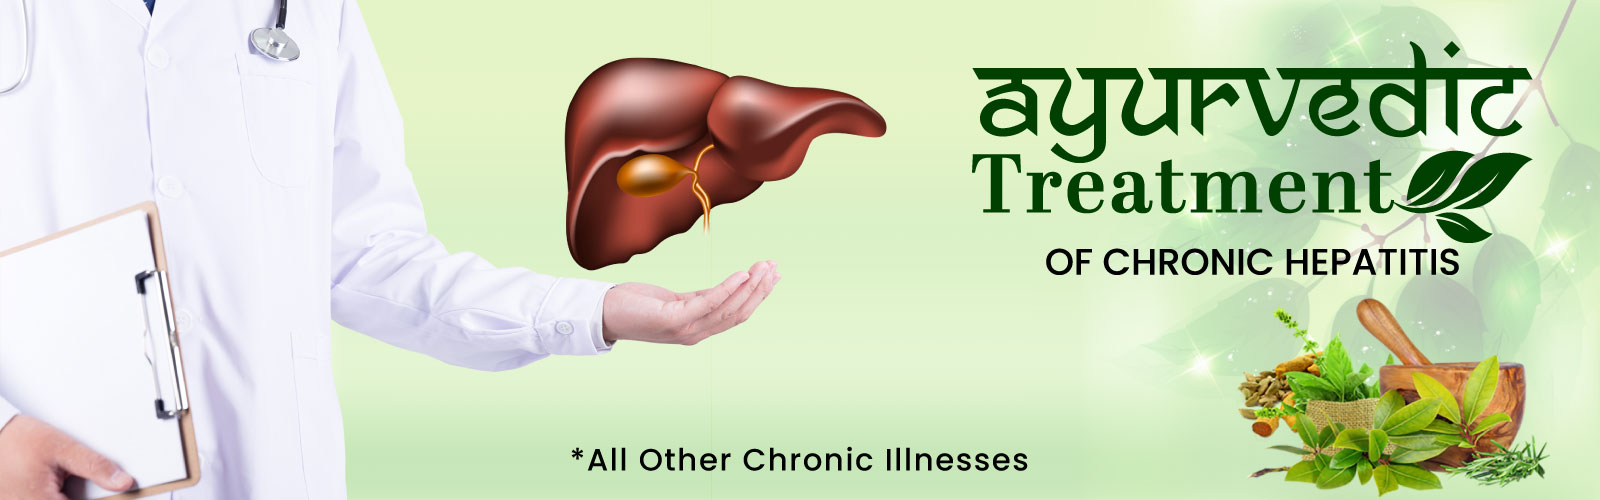 Hepatitis-Diseases